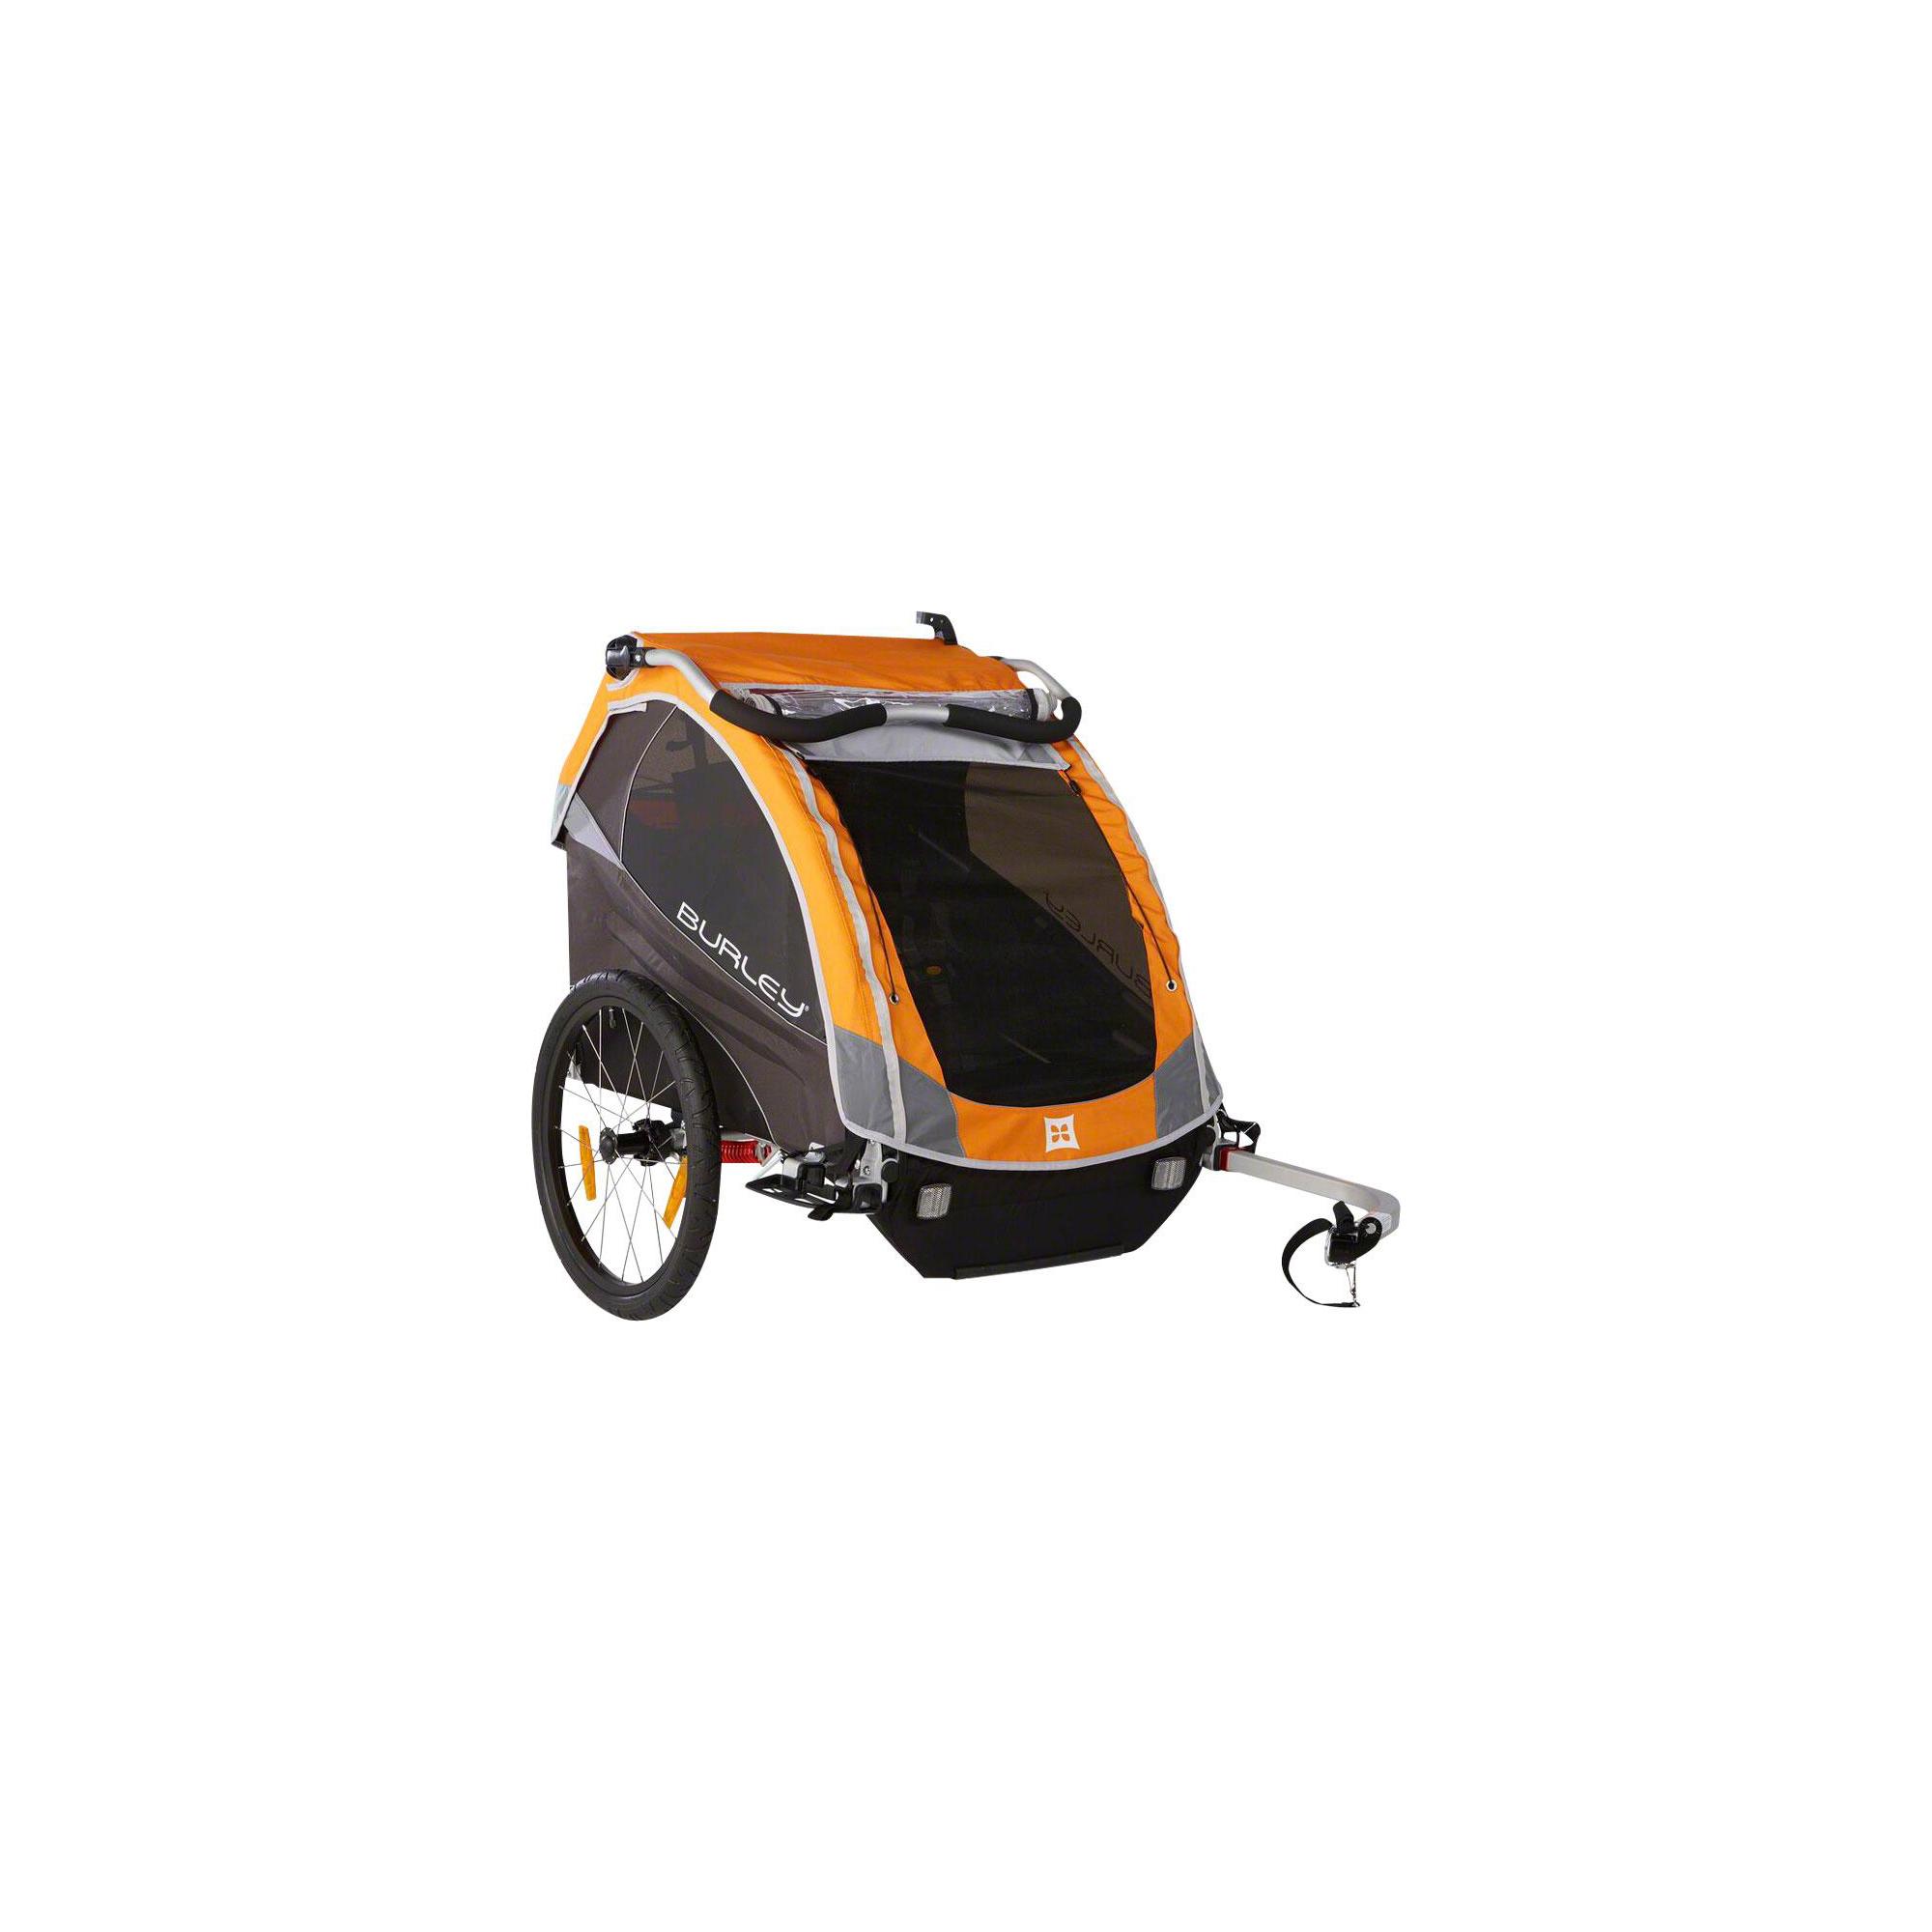 burley d 39 lite child trailer orange 840840008824 ebay. Black Bedroom Furniture Sets. Home Design Ideas